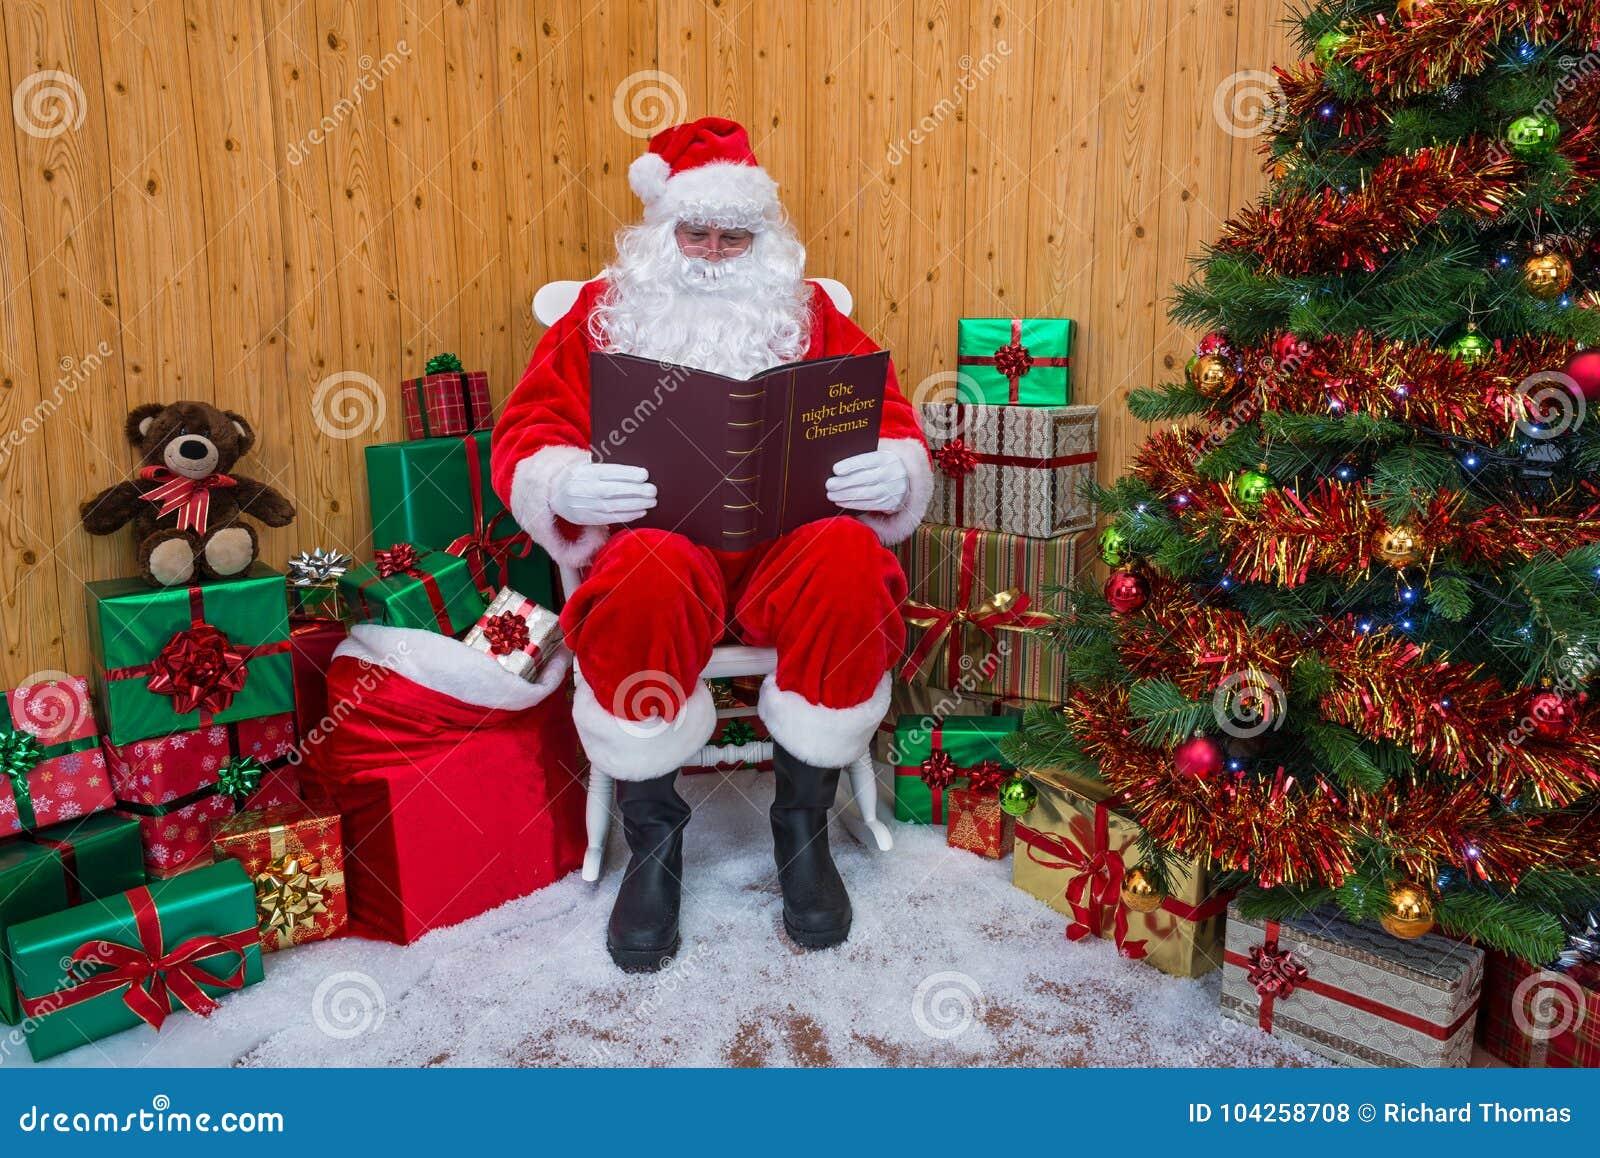 Santa Claus dans une grotte lisant son livre de Noël